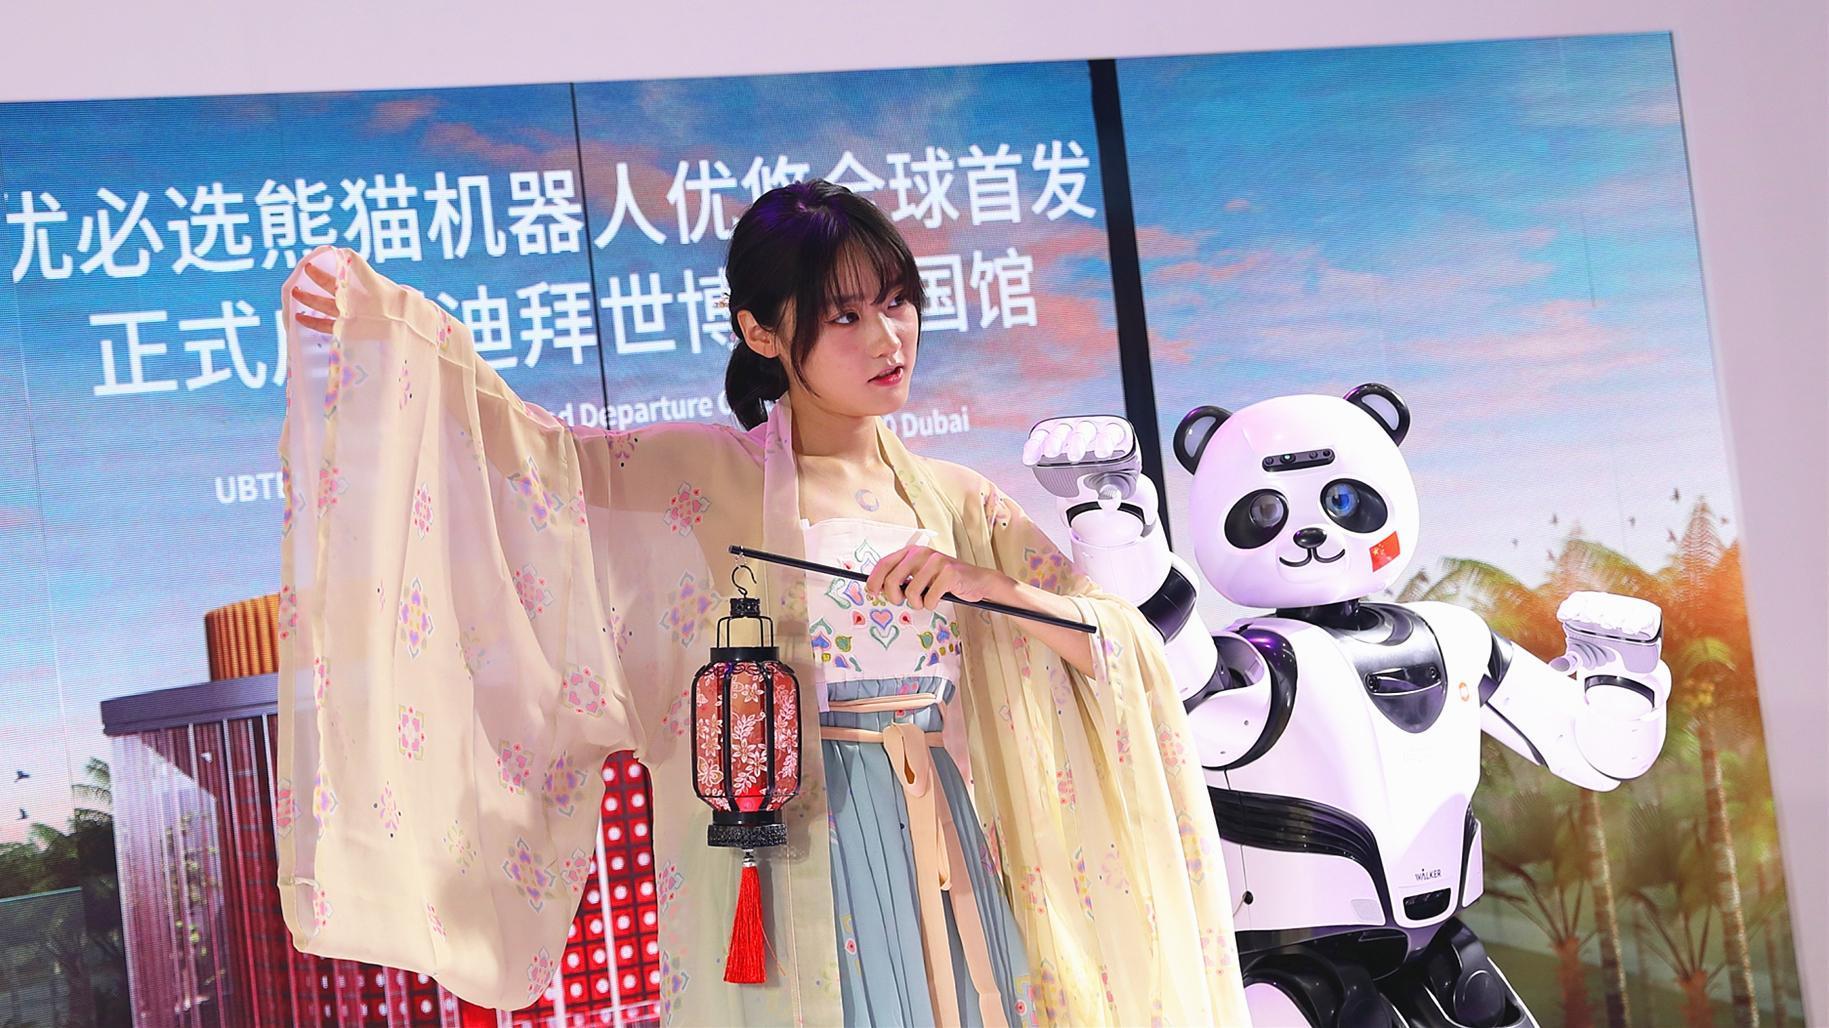 """""""يؤدي الرقصات ويلعب التاي شي""""..تعرف على روبوت الباندا الذي صنع خصيصاً لزوار إكسبو دبي 2020"""